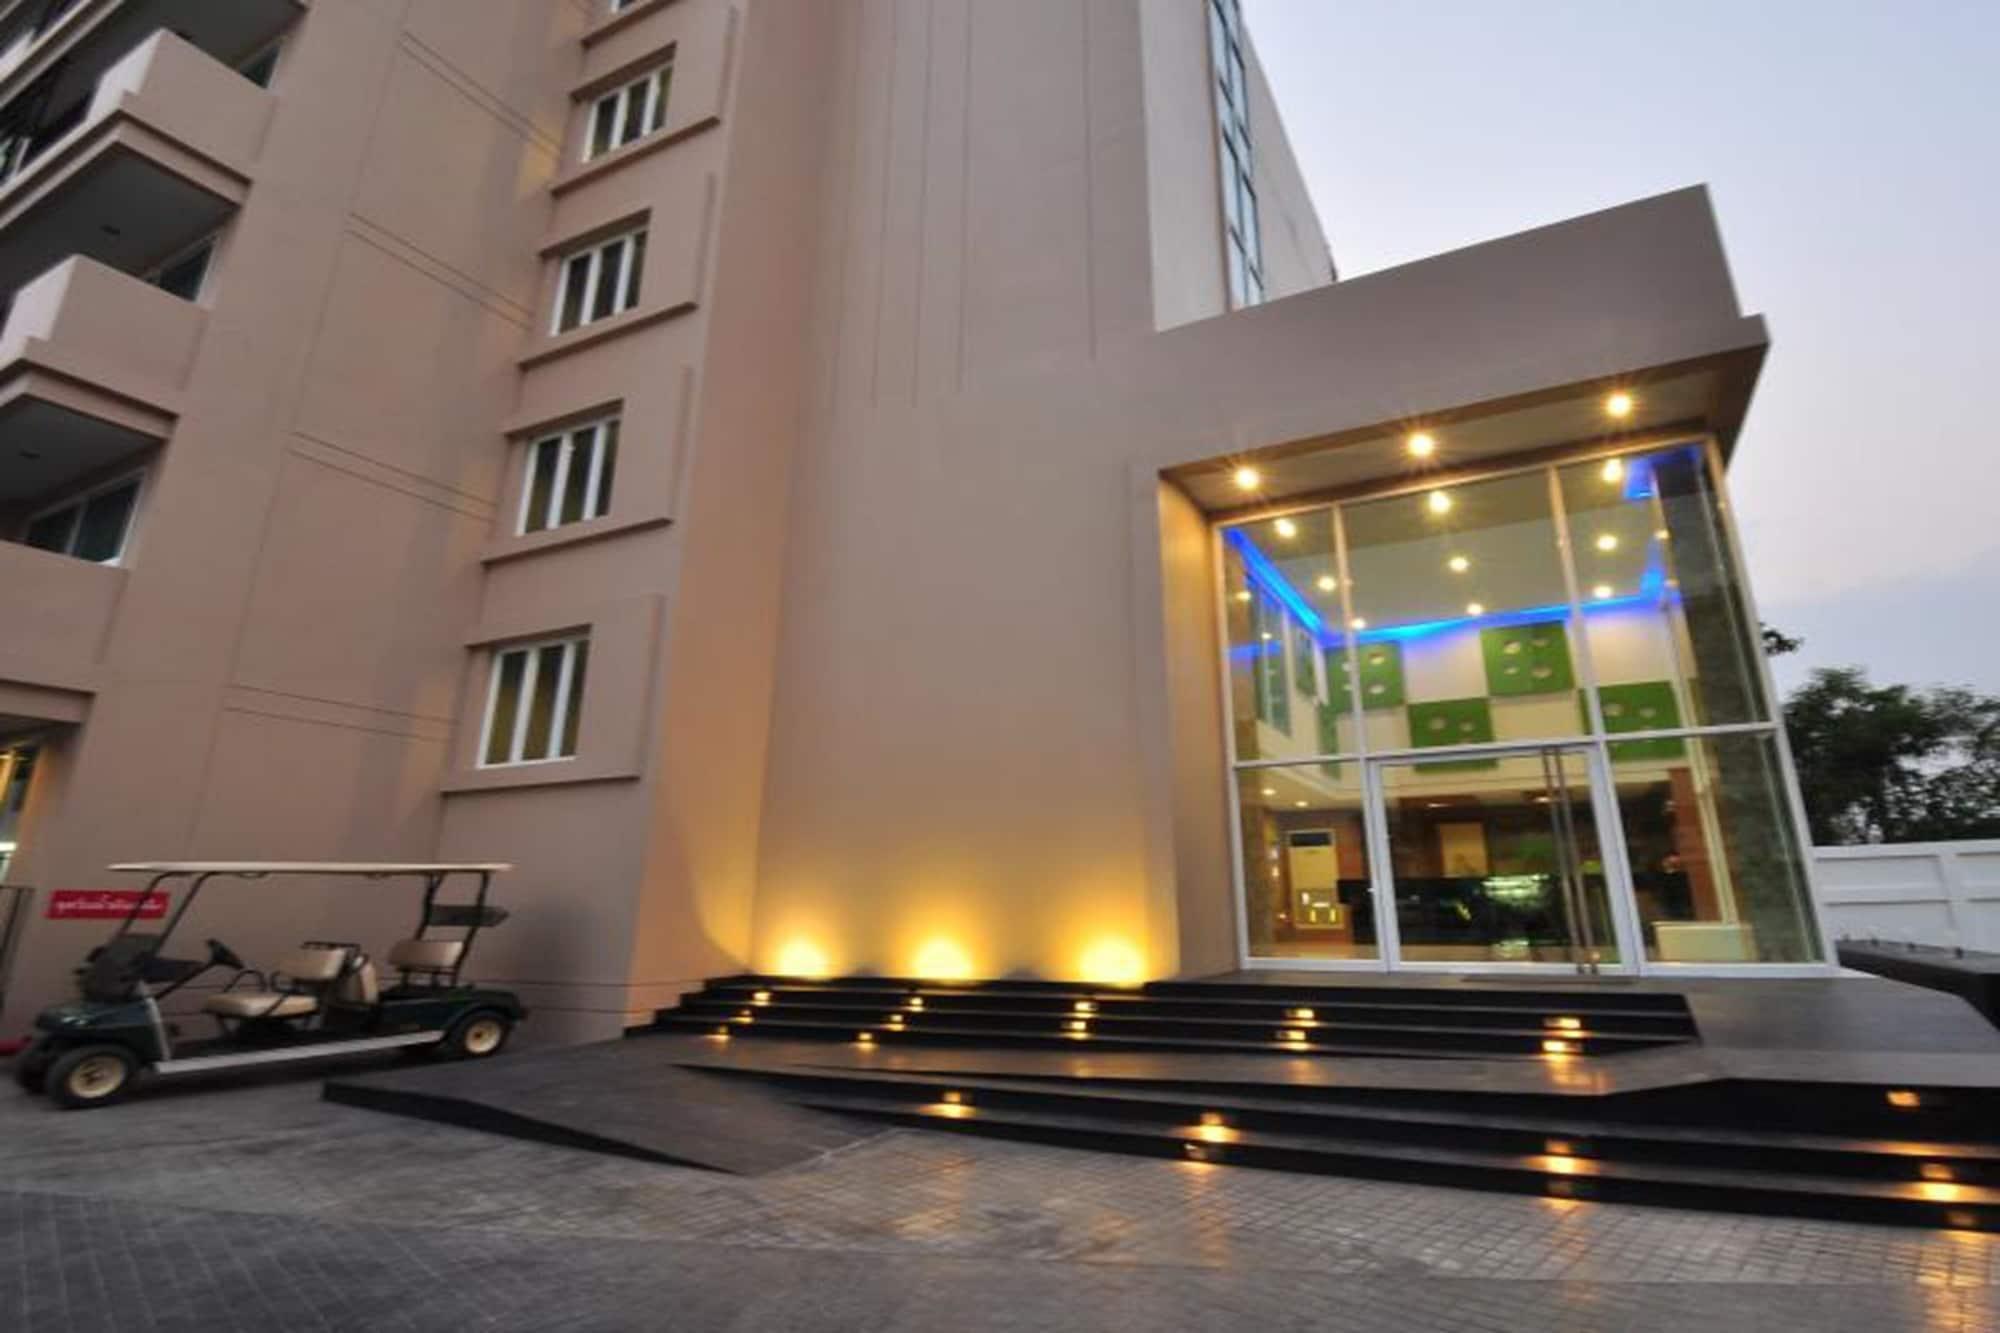 Tanzeno Hotel, Muang Nong Khai